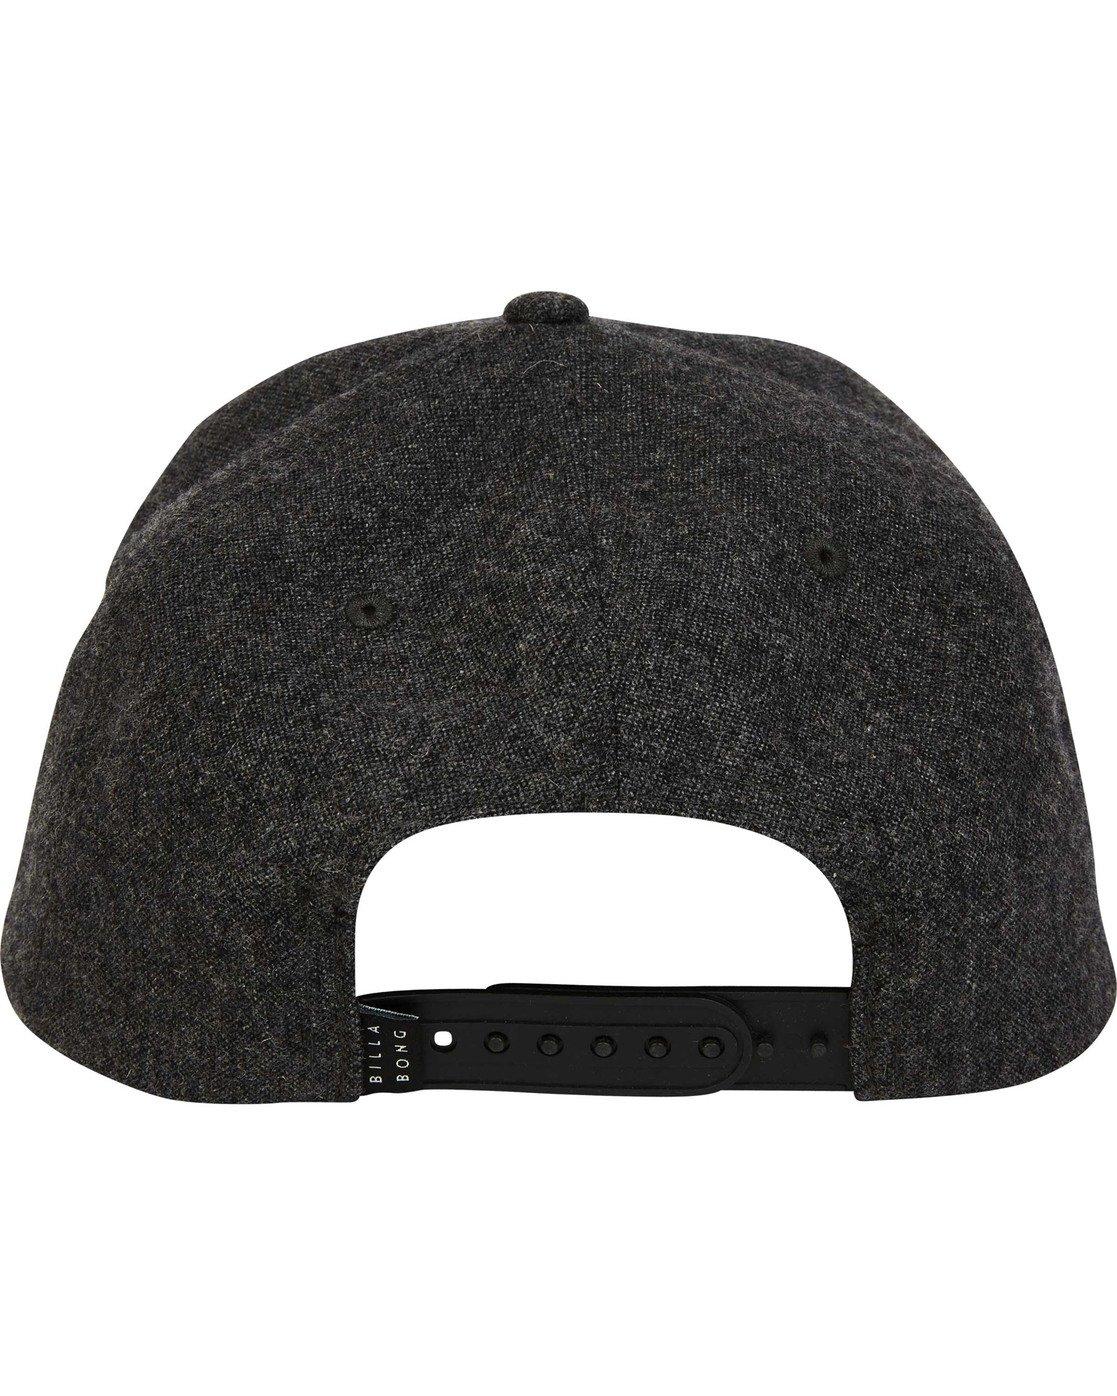 Billabong Mens All Day Snapback Hat